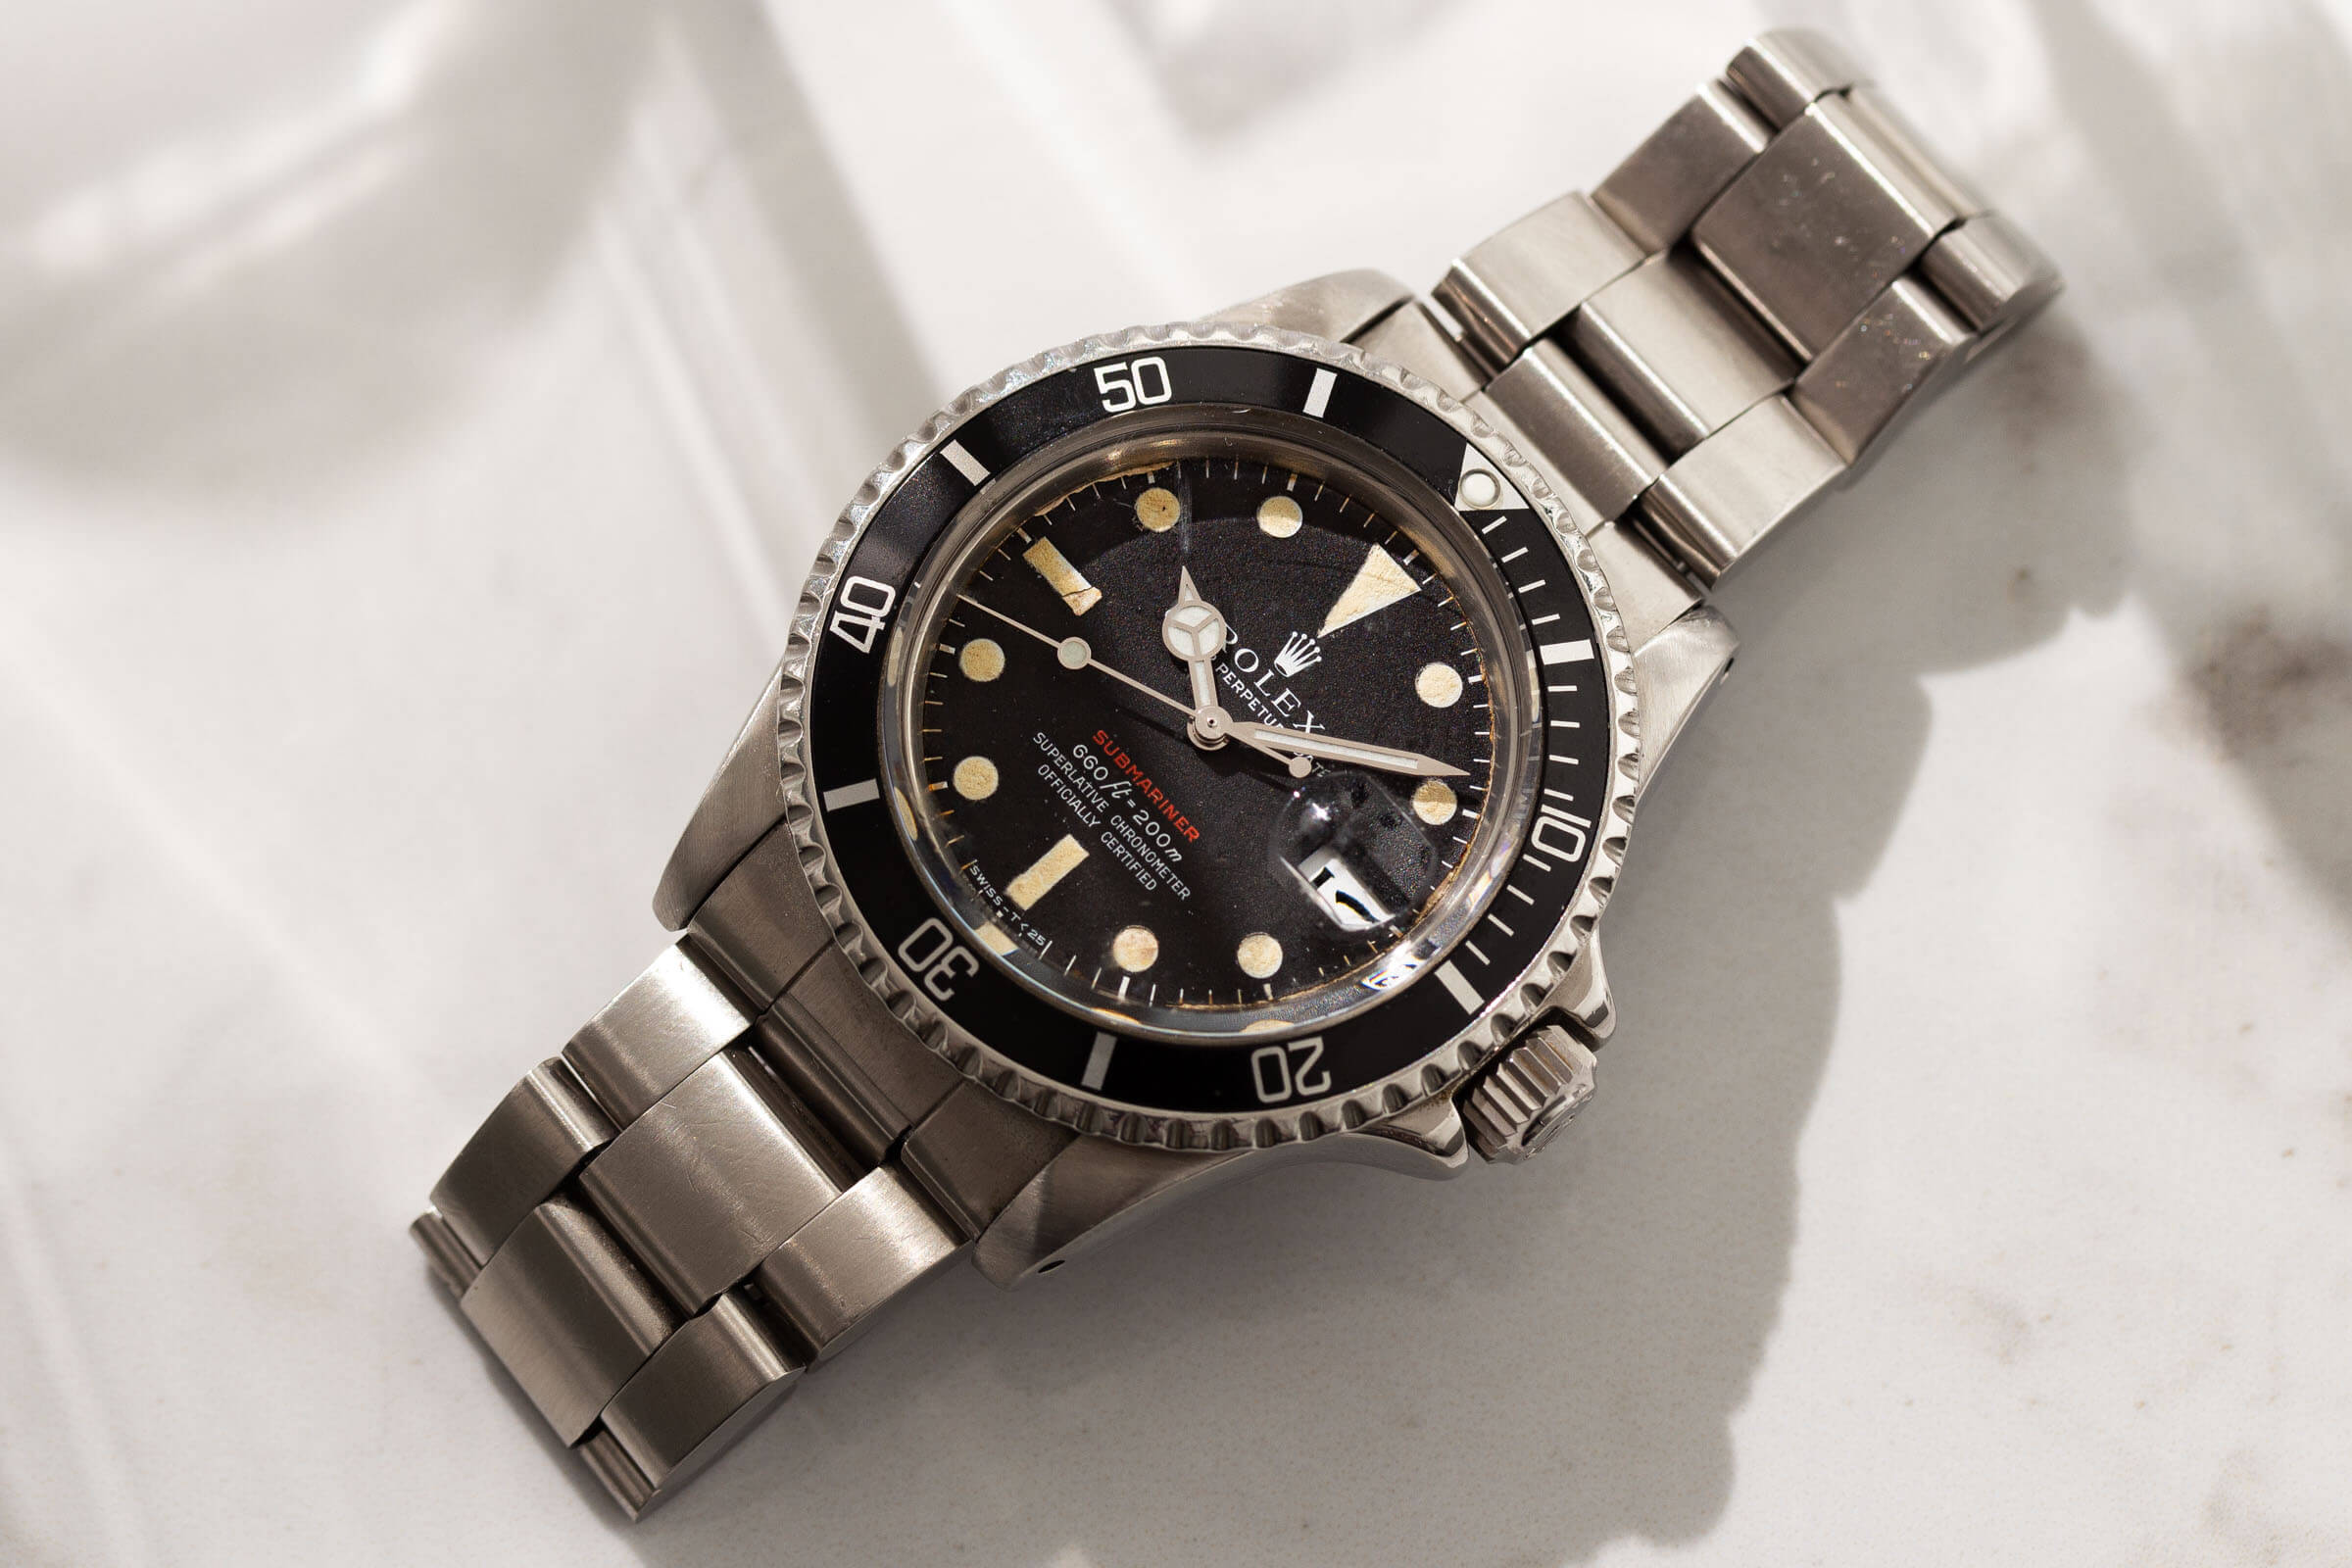 Submariner-Vintage-Rolex-1680